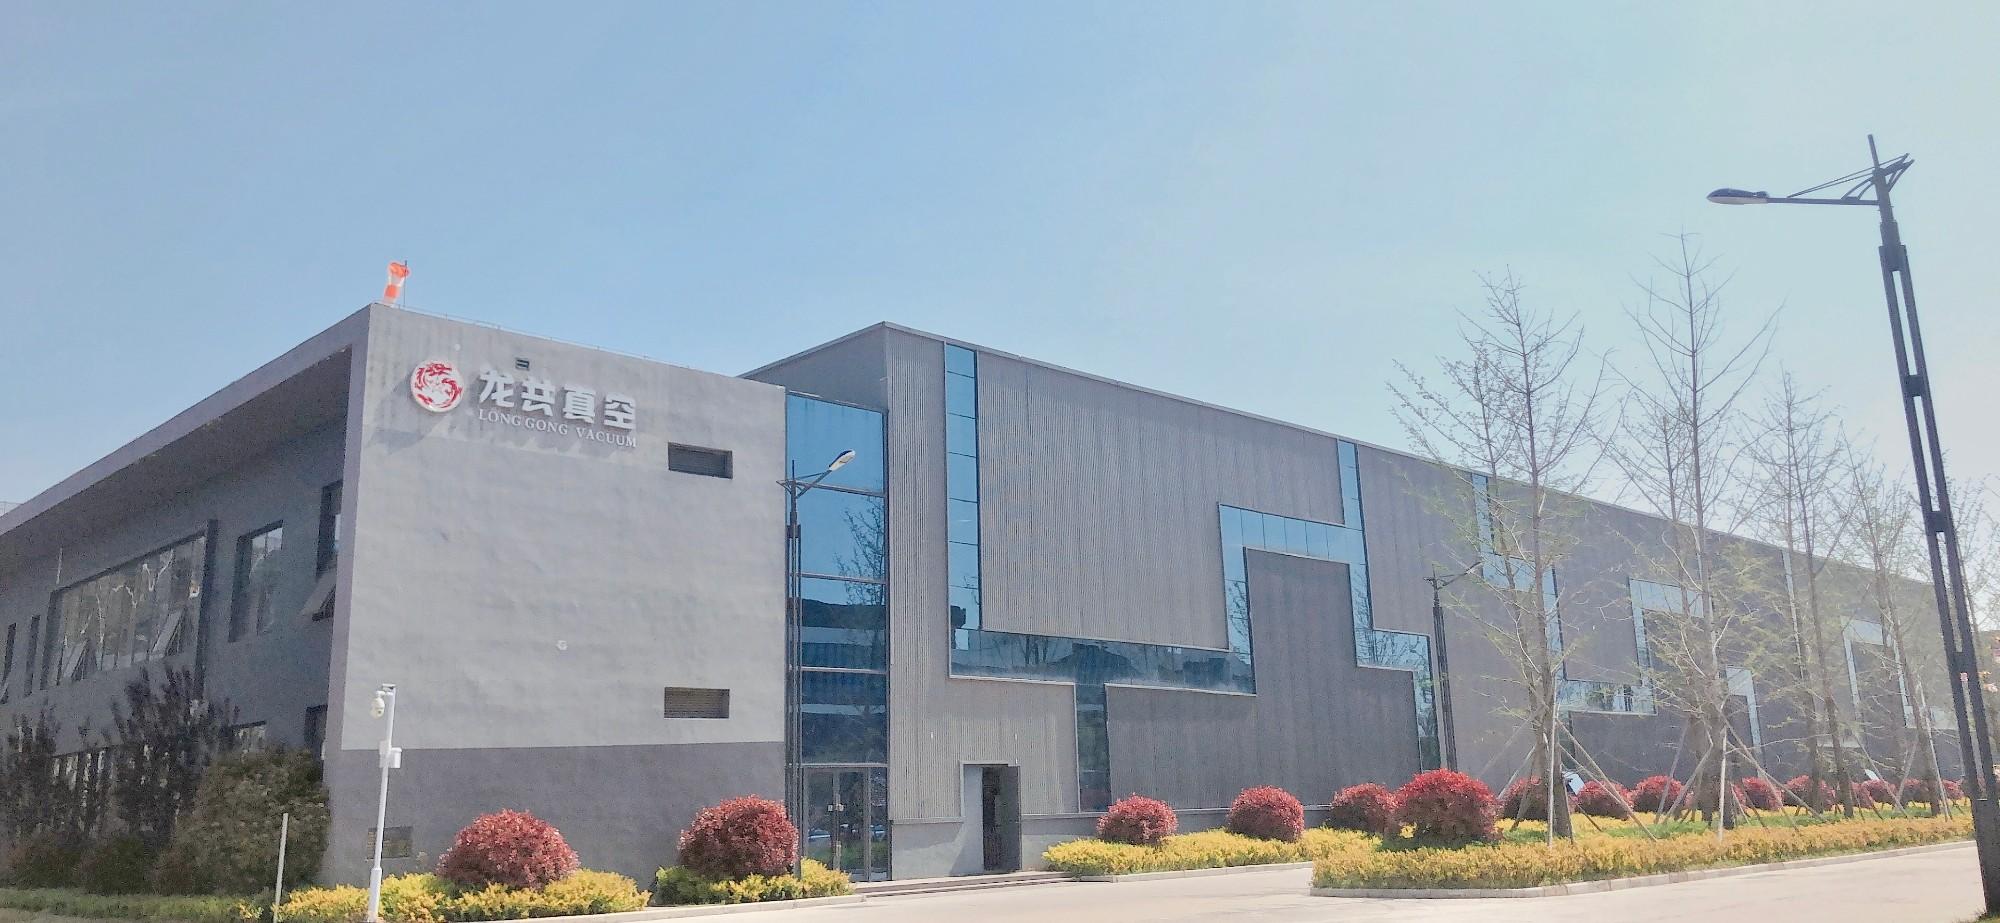 Jiangsu Longgong Vacuum Technology Co., Ltd